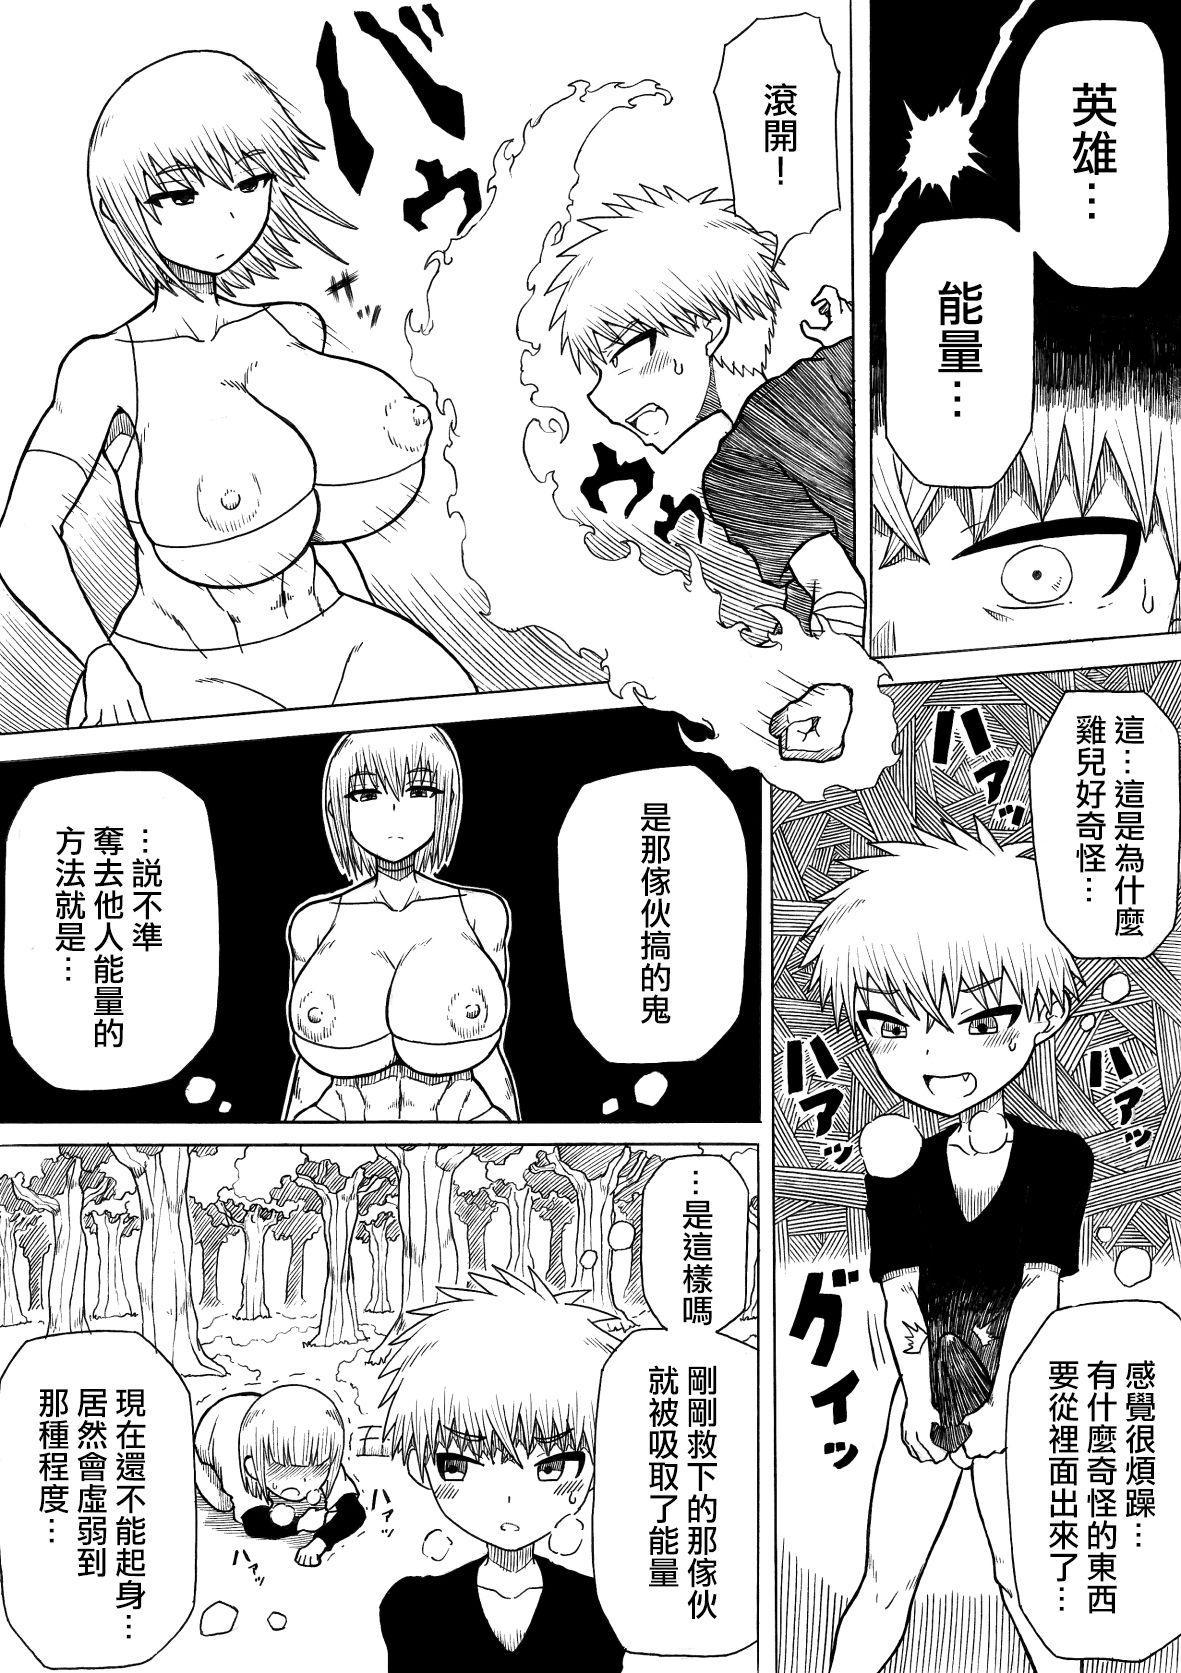 [Saga no Tame no Saga (Ratoo)] Hero haiboku ~ hajimari to owari ~ | 英雄敗北 ~起始與完結~ [Chinese] [沒有漢化] 24